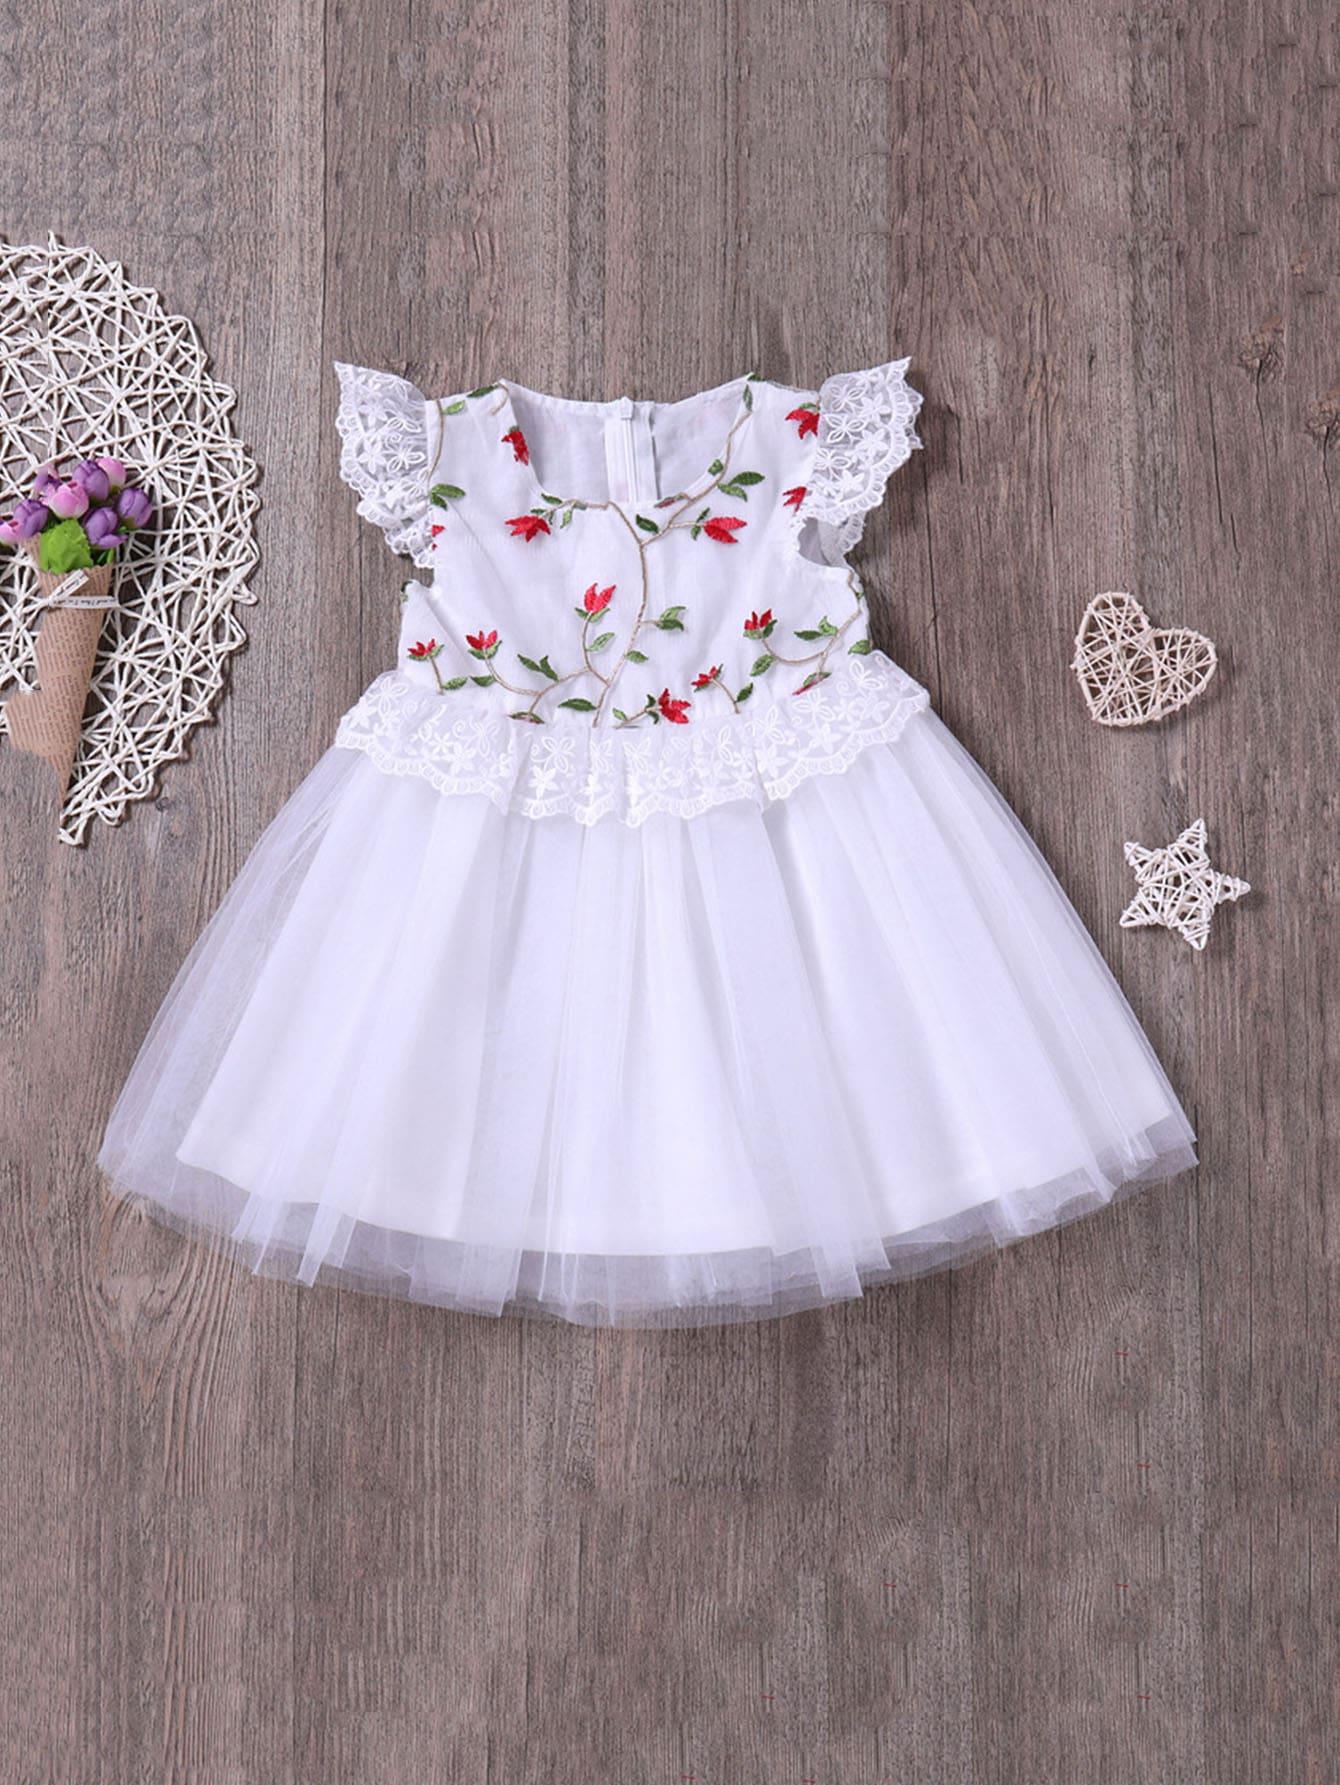 Купить Прозрачное платье с кружевами и вышивкой цветы для девочек, null, SheIn